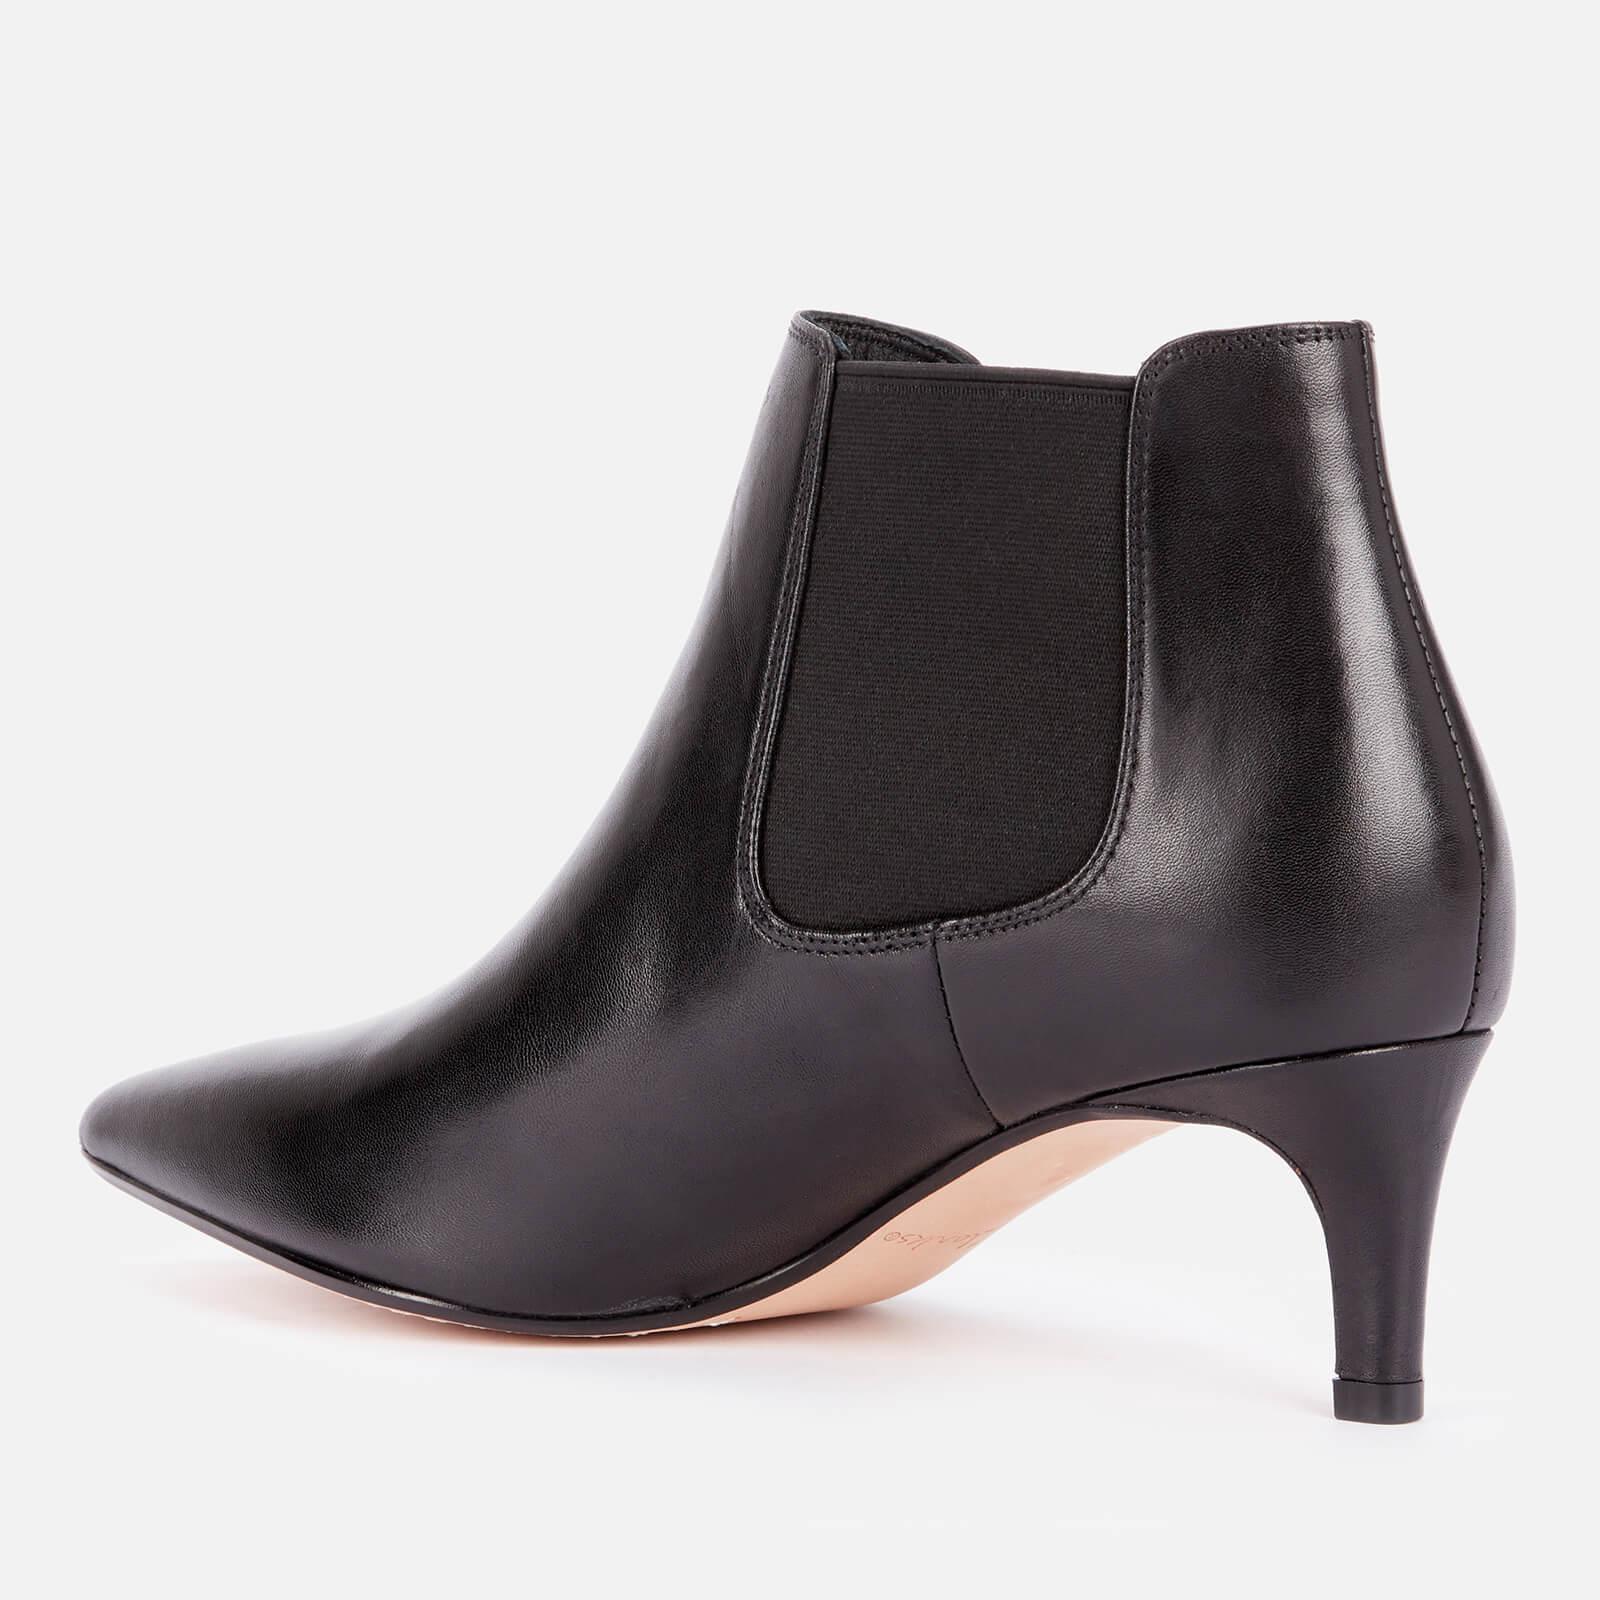 Clarks Women's Laina55 Leather Shoe Boots - Black - Uk 3